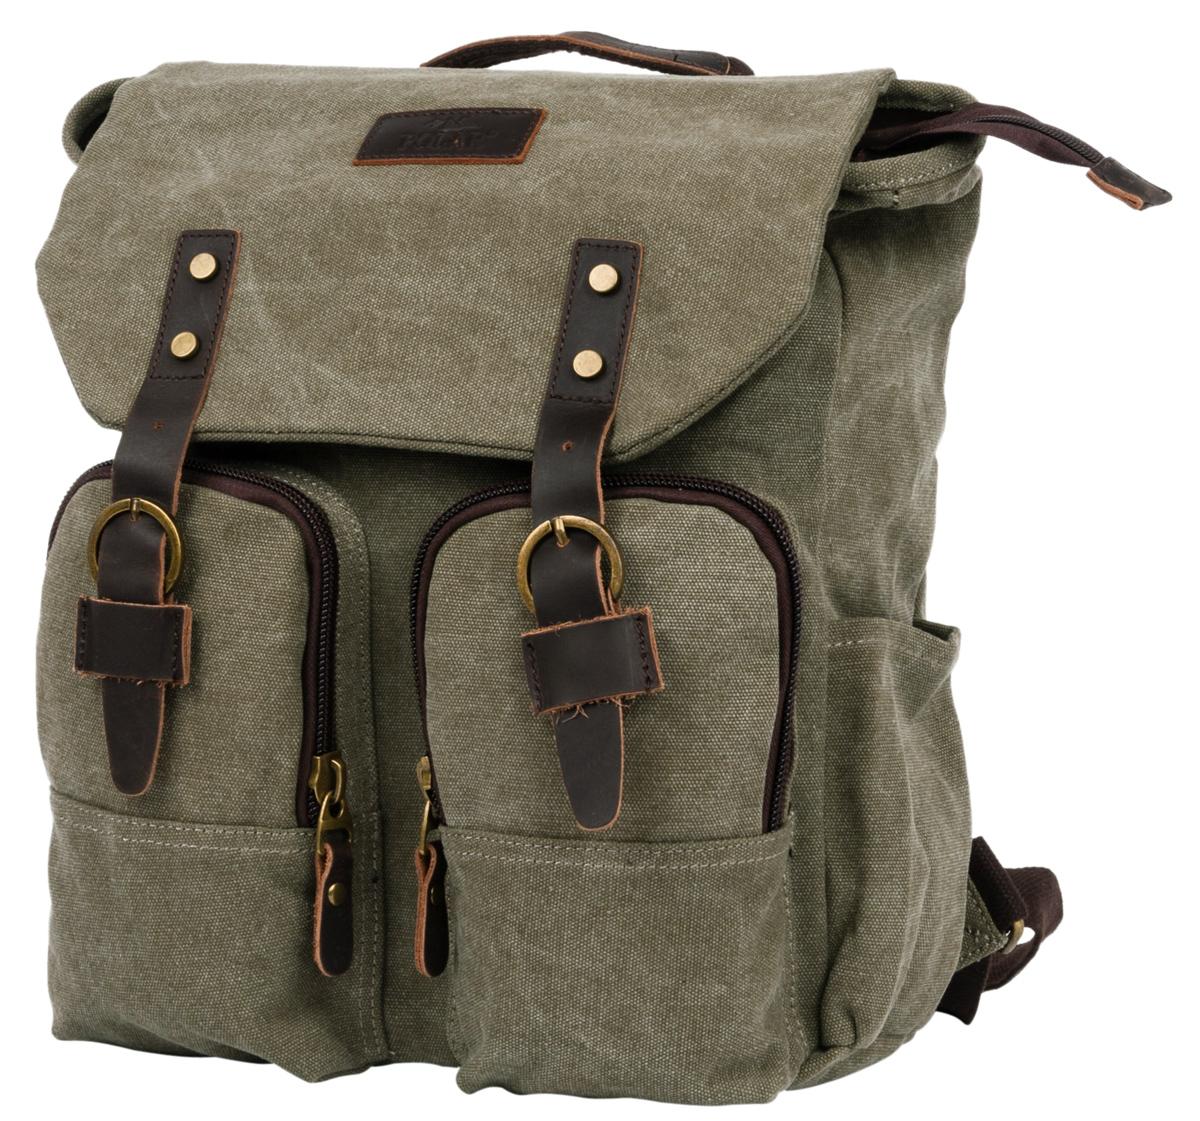 Рюкзак городской мужской Polar  Adventure , цвет: хаки, 12 л. п3788-08 green - Сумки и рюкзаки